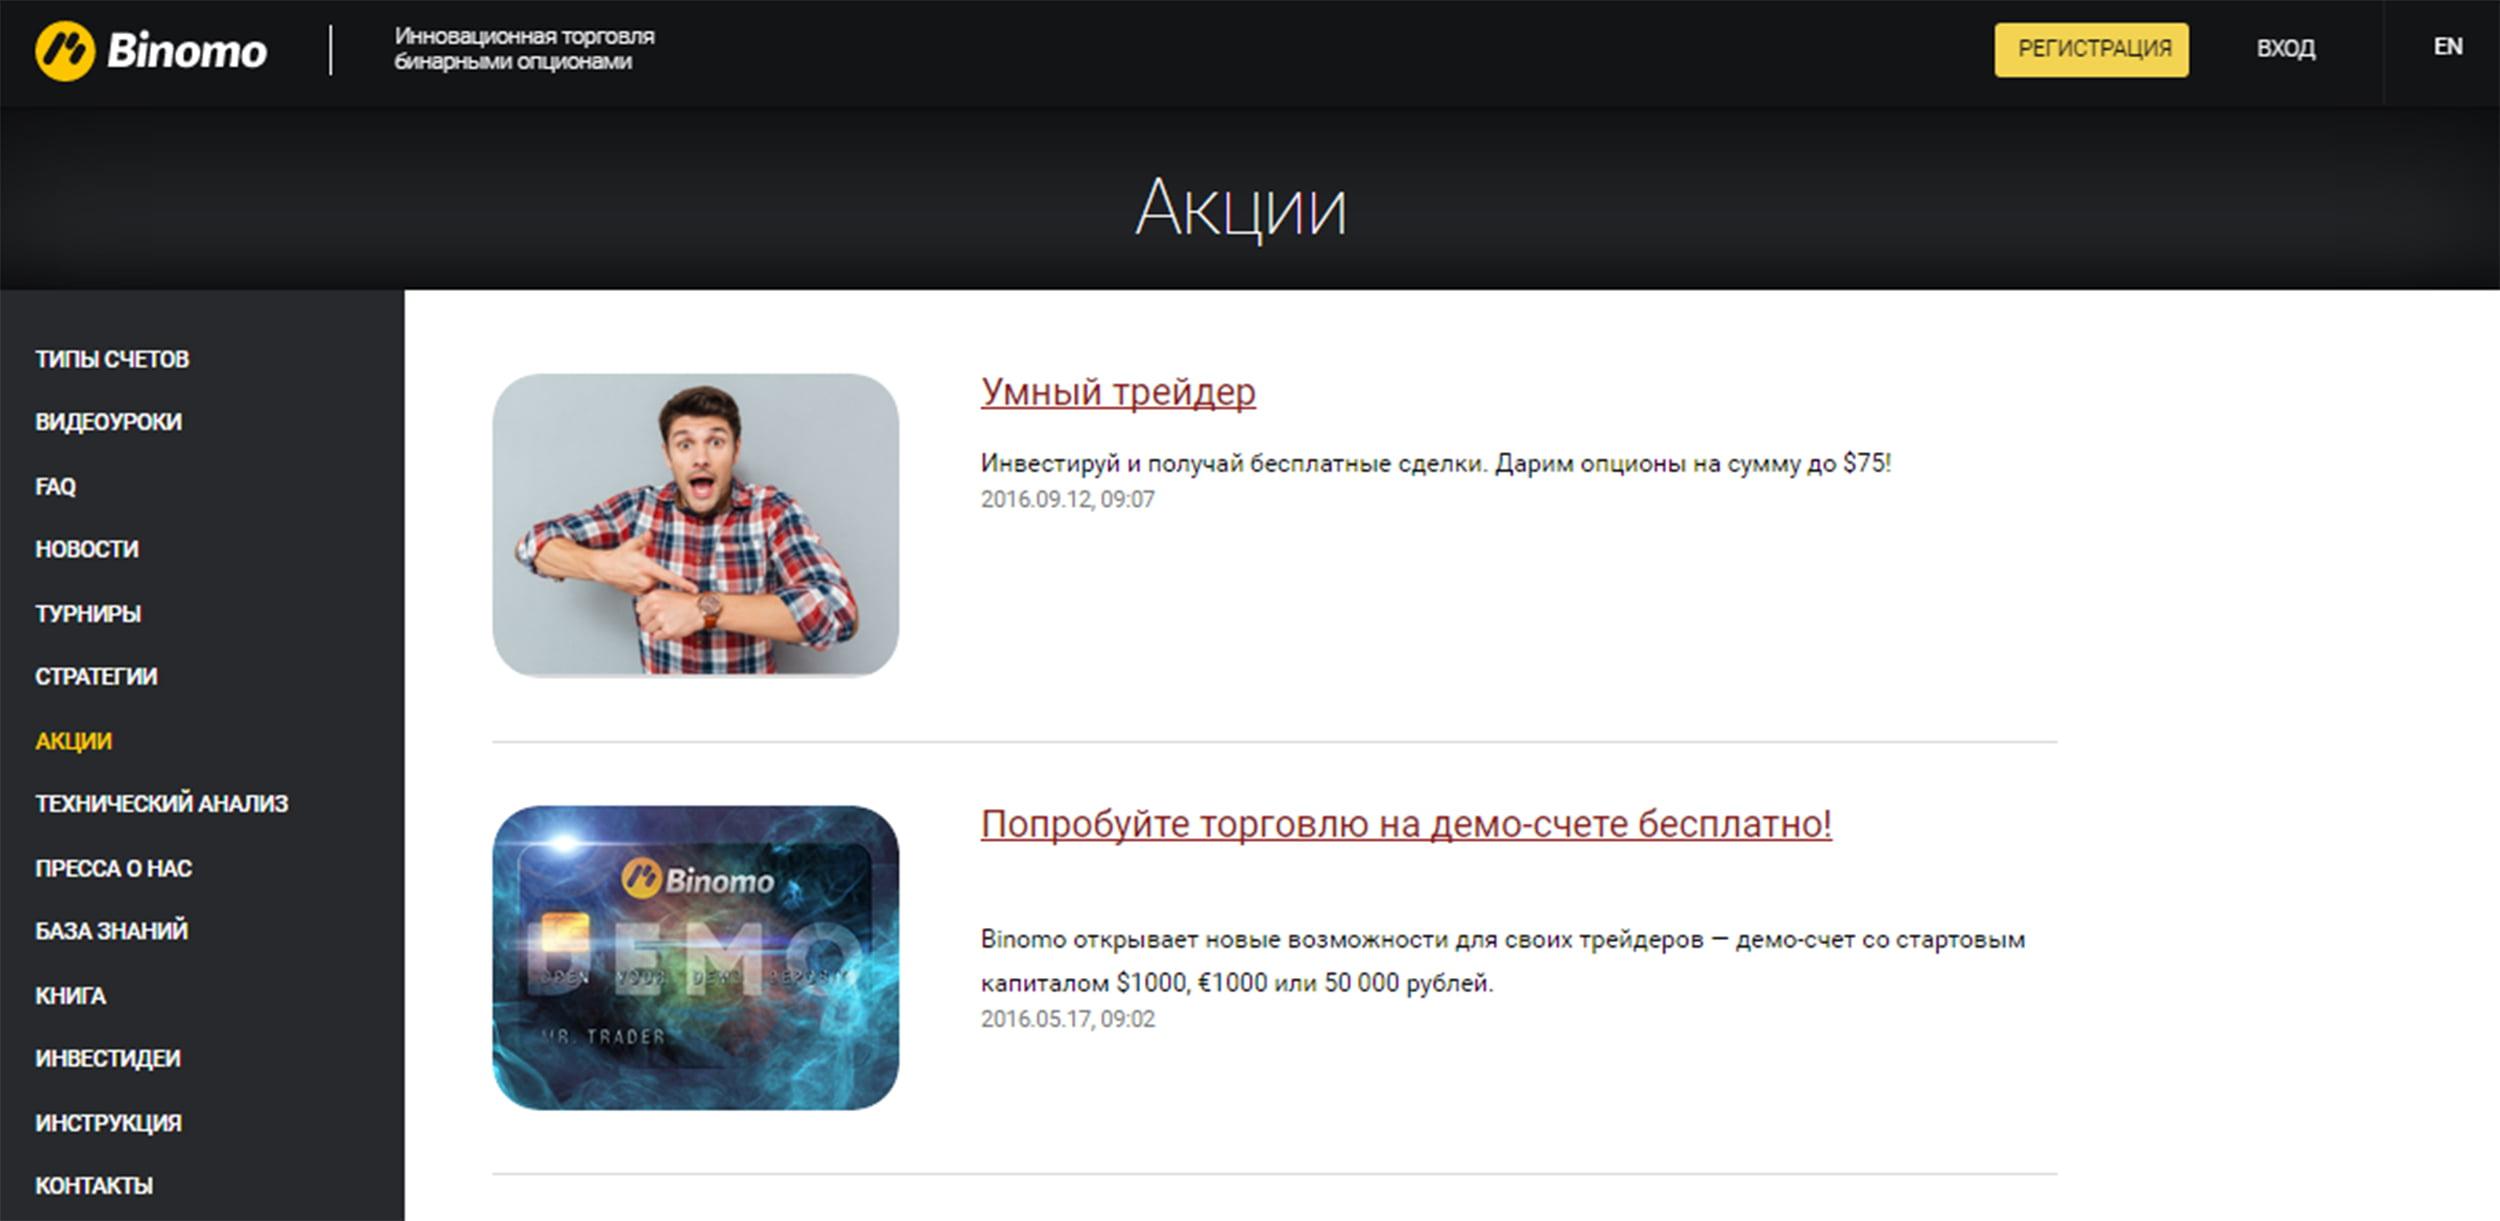 tochnie-besplatnie-signali-dlya-binarnih-optsionov-3